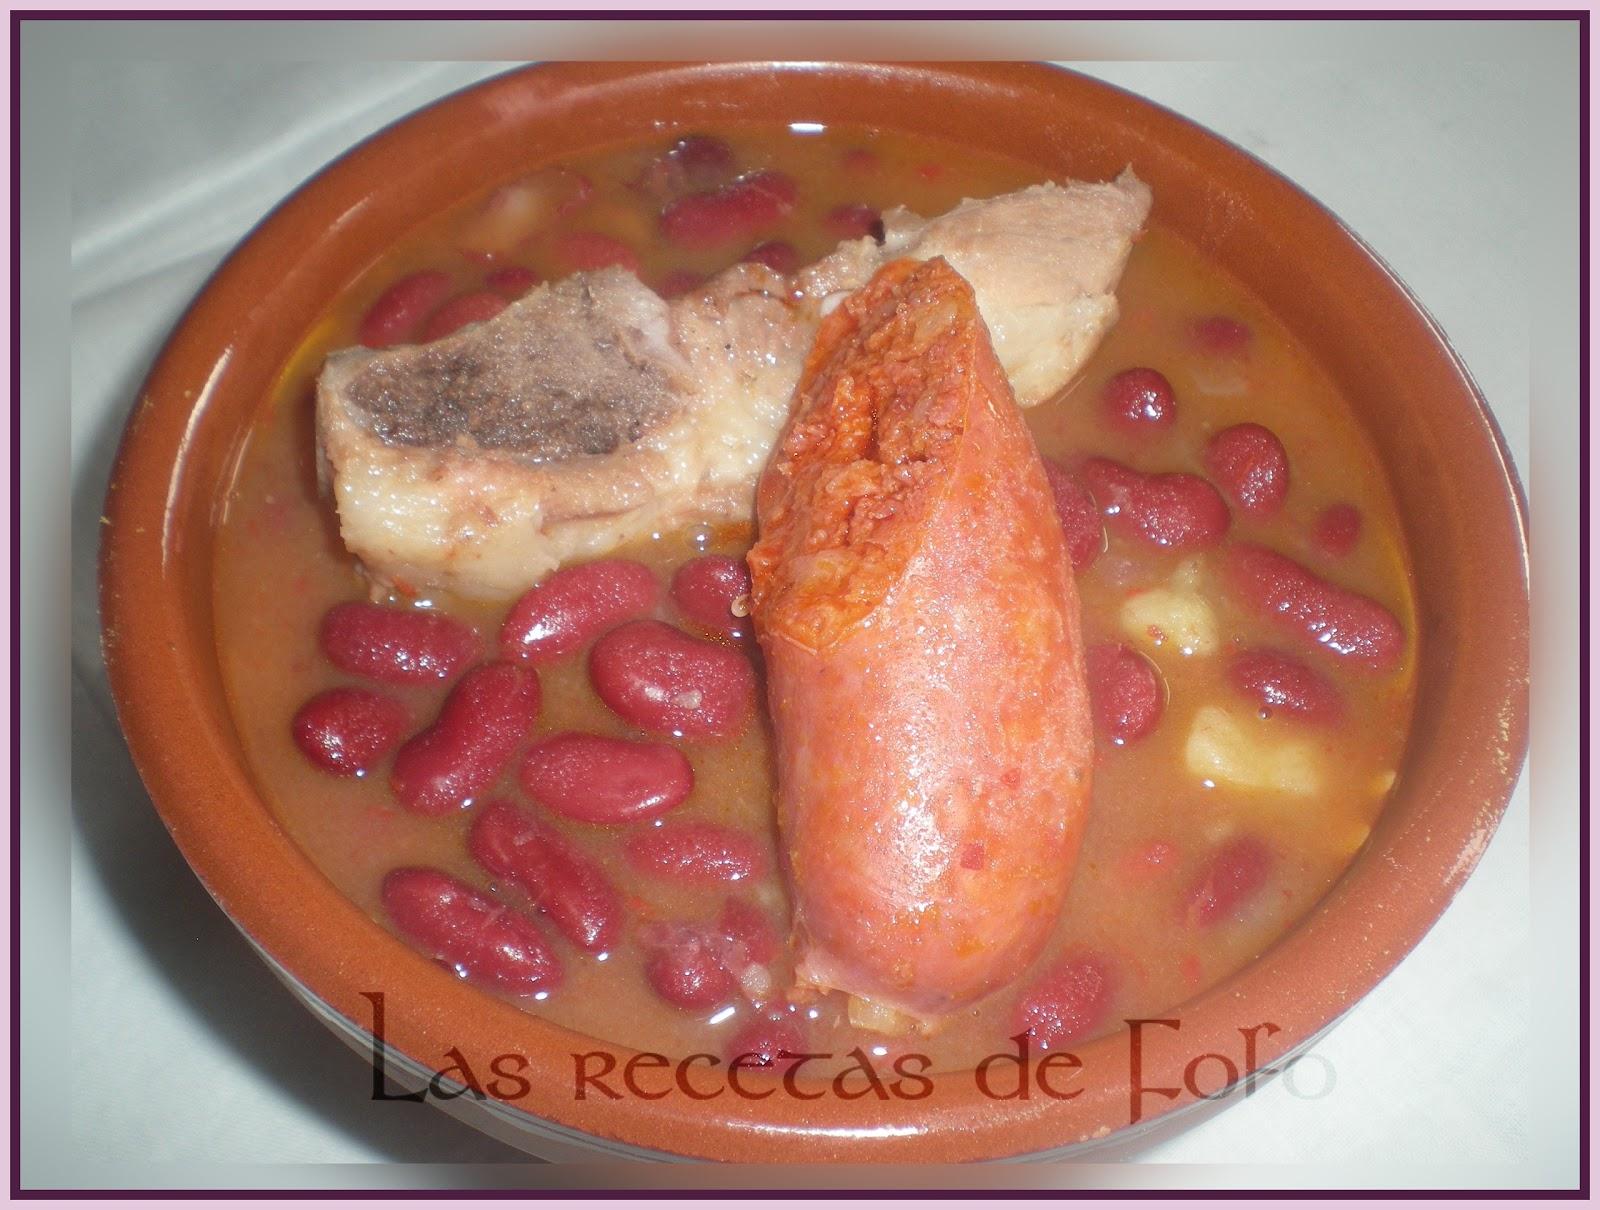 Las recetas de f fo potaje de alubias rojas express - Alubias rojas con costilla ...